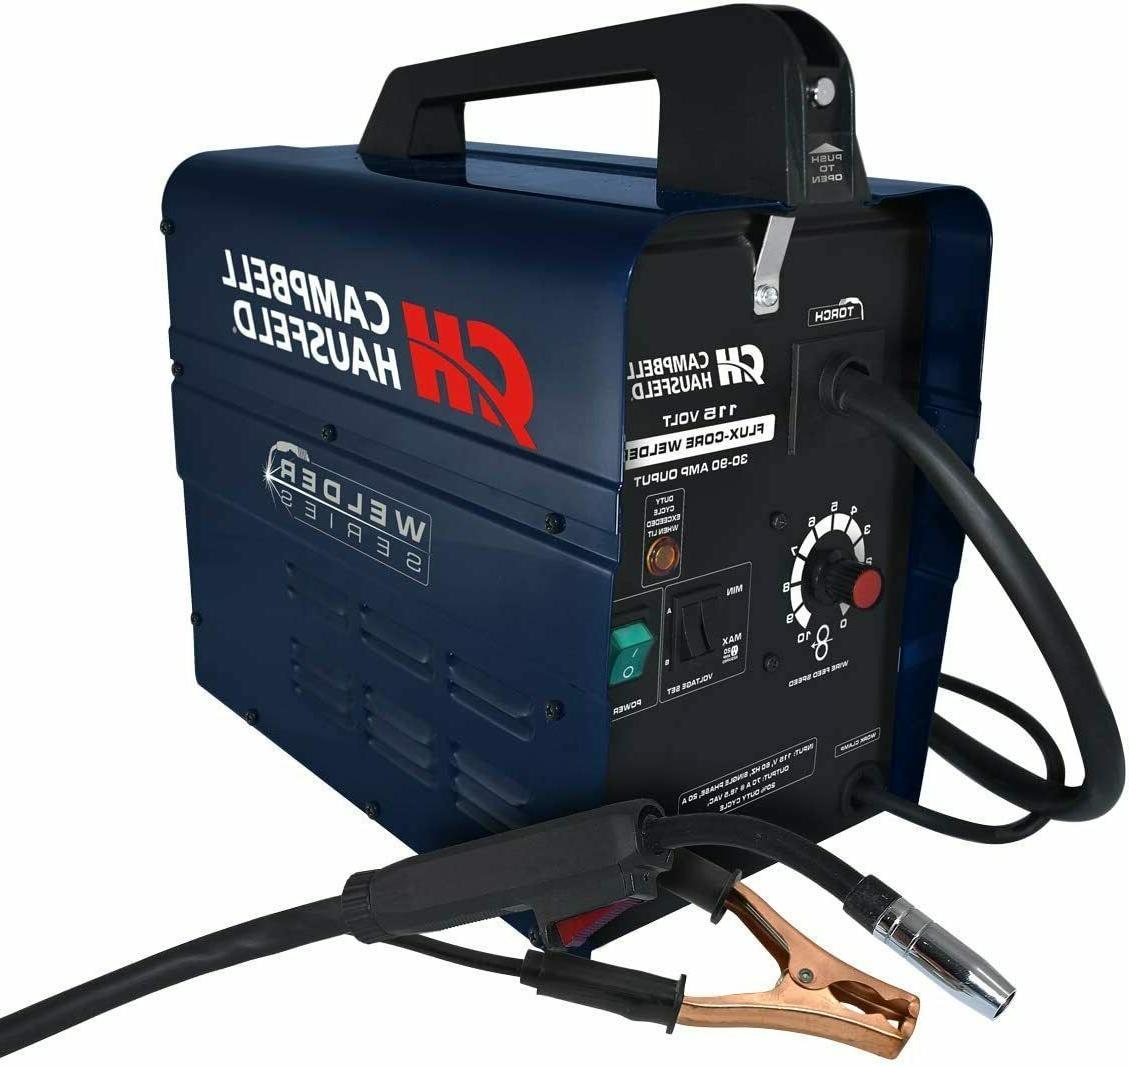 new in box flux core welder dw213000